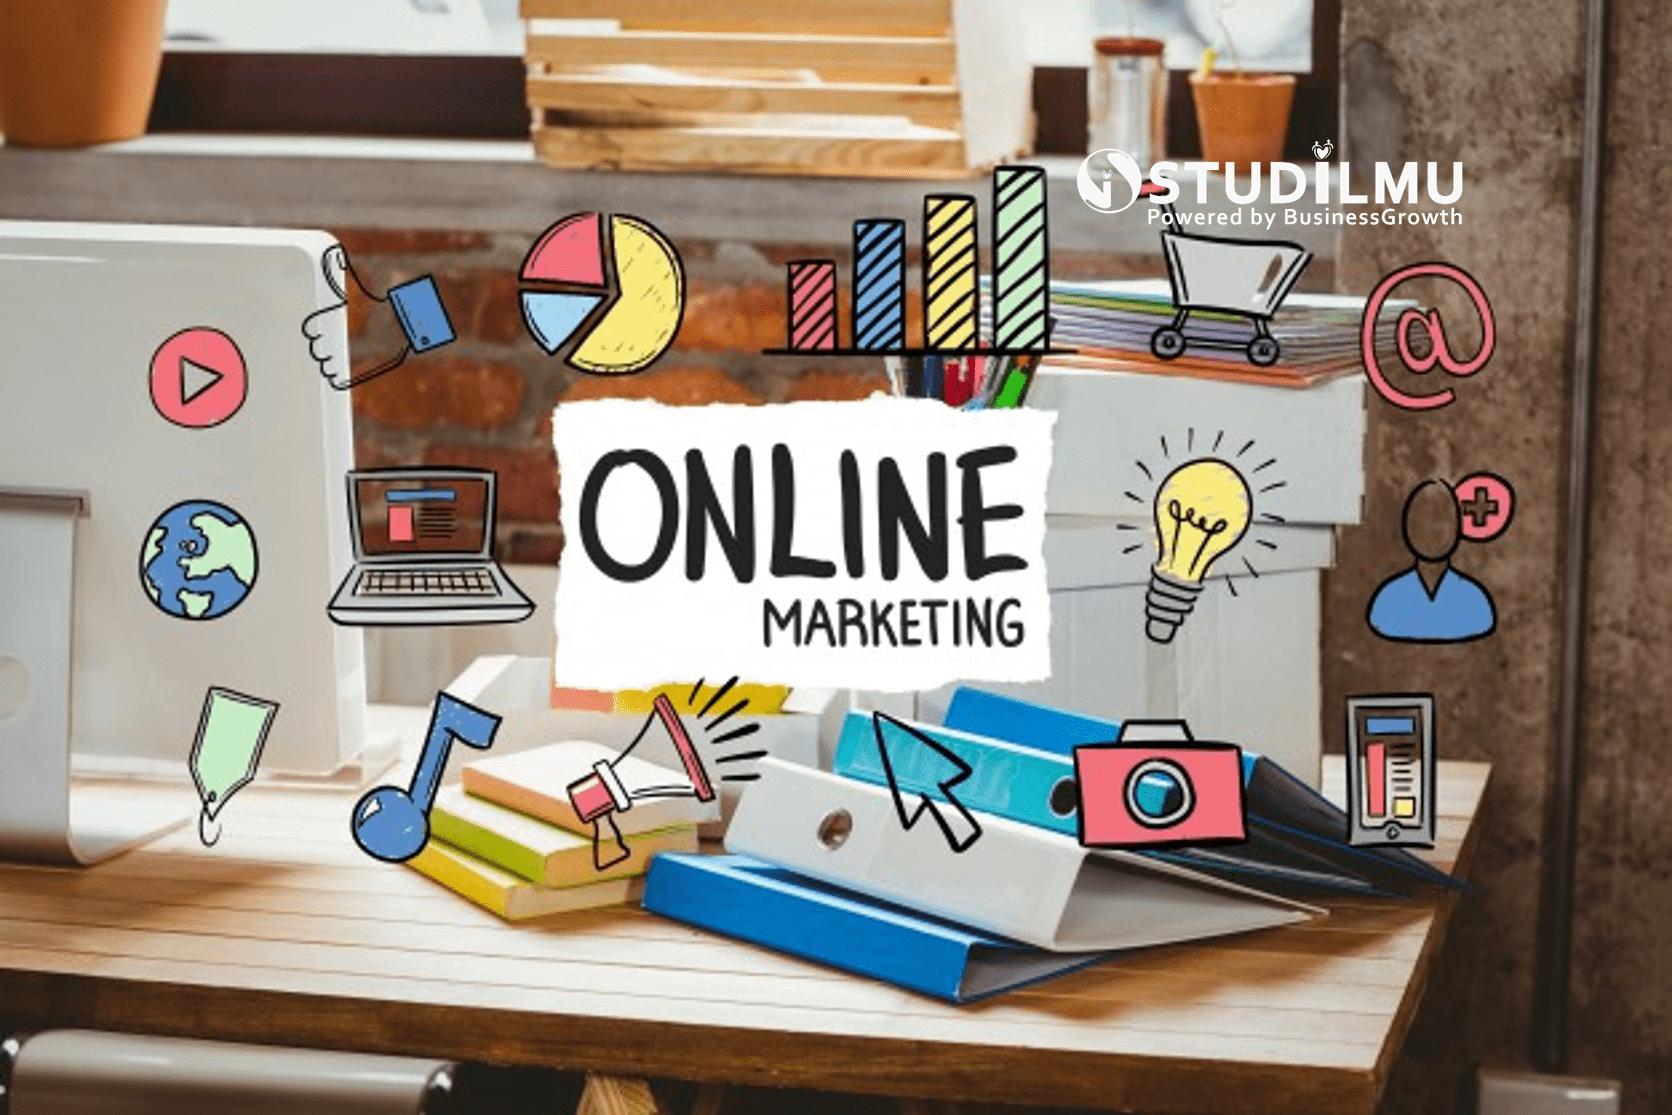 STUDILMU Career Advice - 5 Gambaran Kreativitas dalam Dunia Marketing di Era Modern